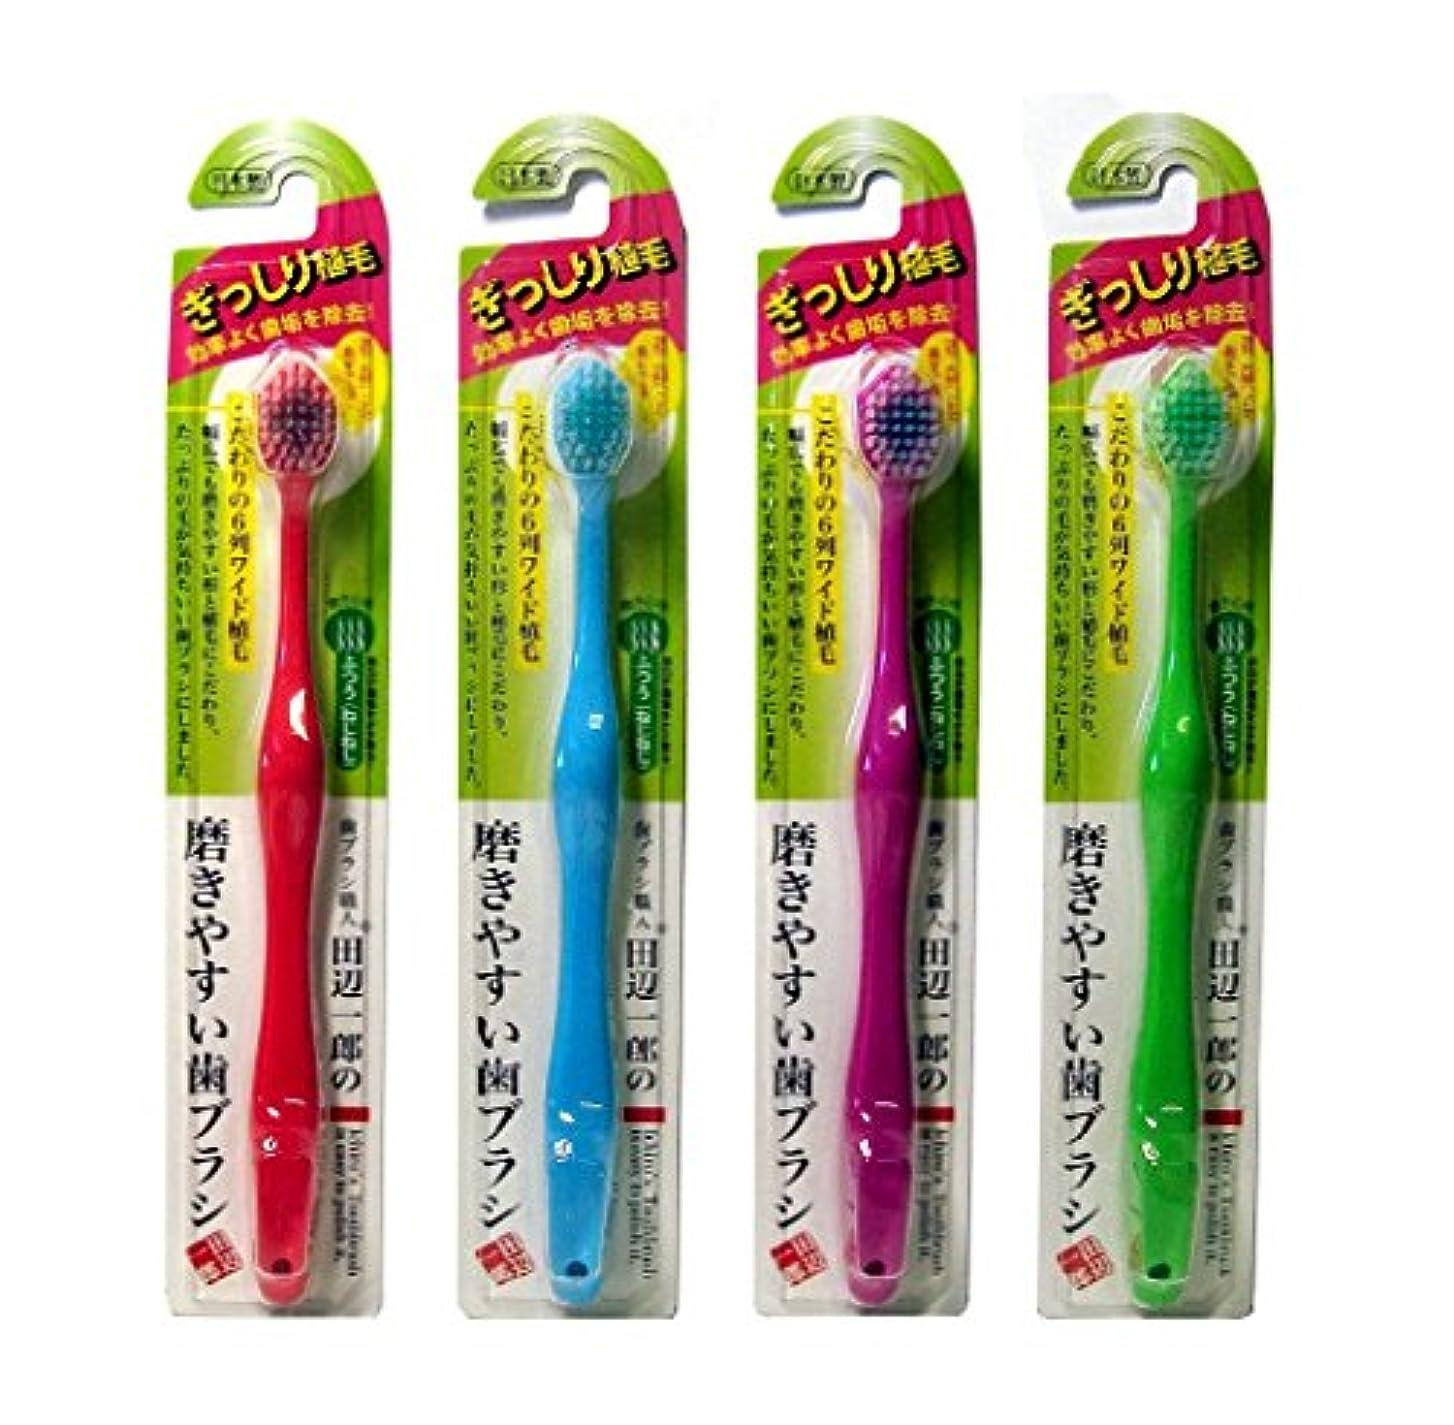 優しい呼び出す必需品ライフレンジ 田辺一郎の磨きやすい歯ブラシ 6列ワイドタイプ ふつう(ねじねじ) LT-31 4本セット(レッド?ブルー?パープル?グリーン)